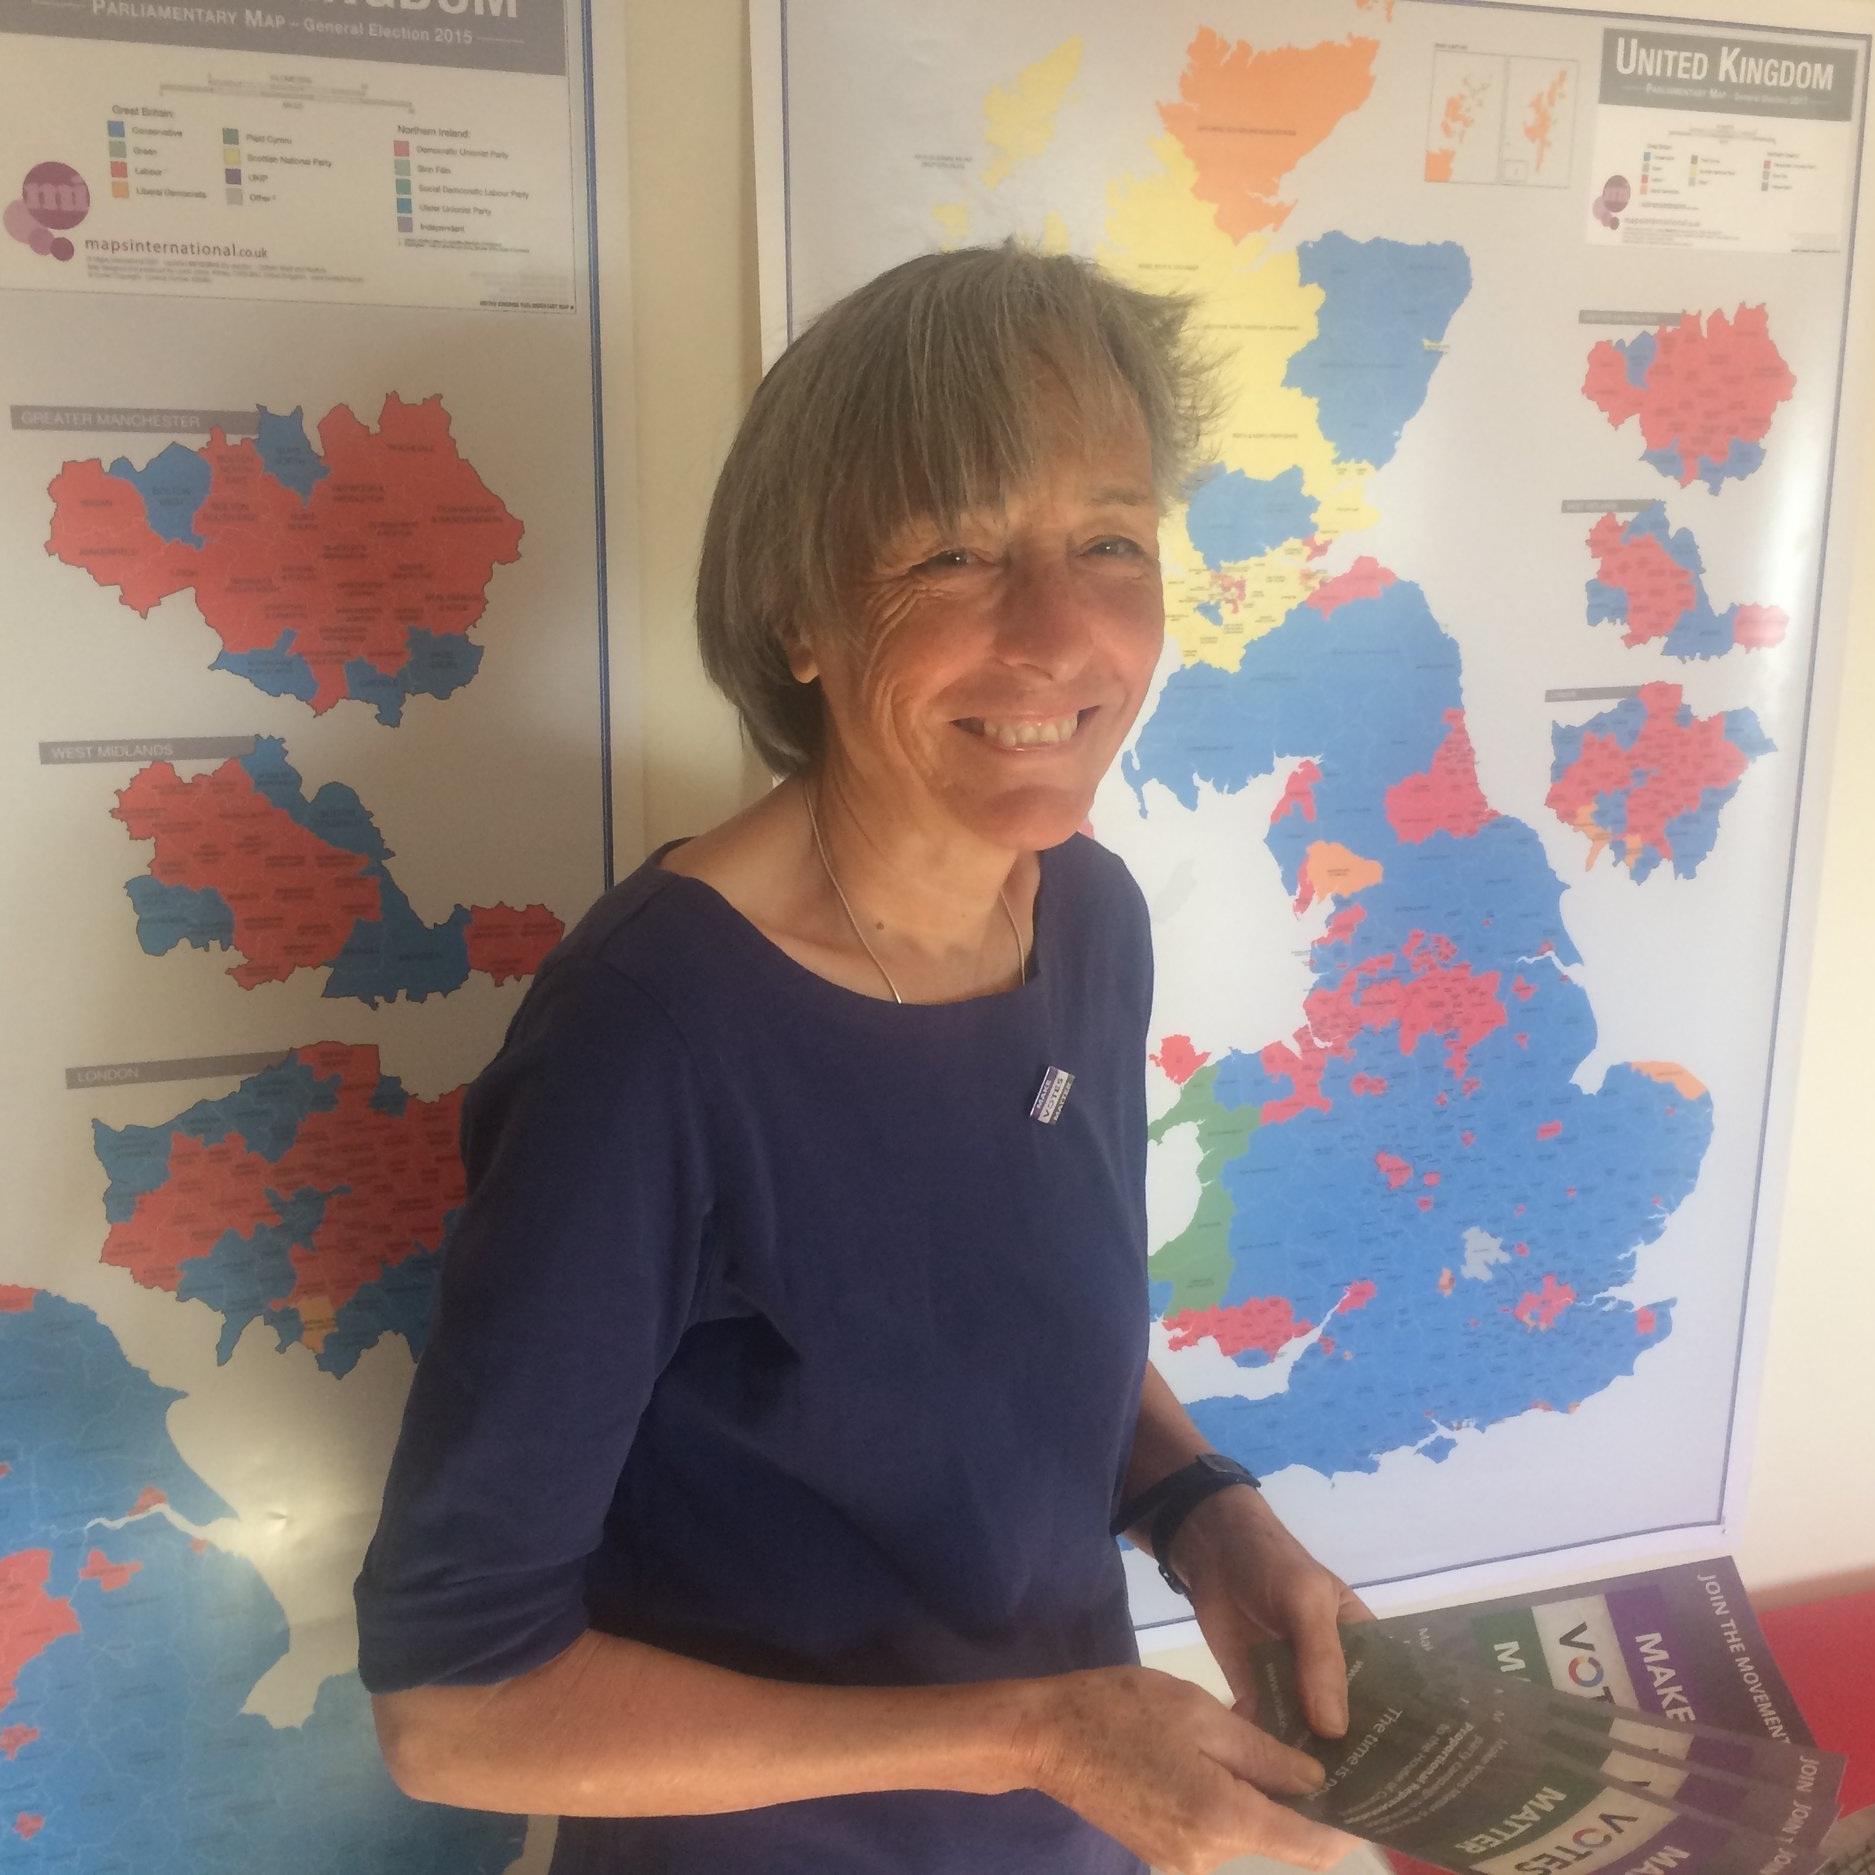 MVM volunteer Janet Jones